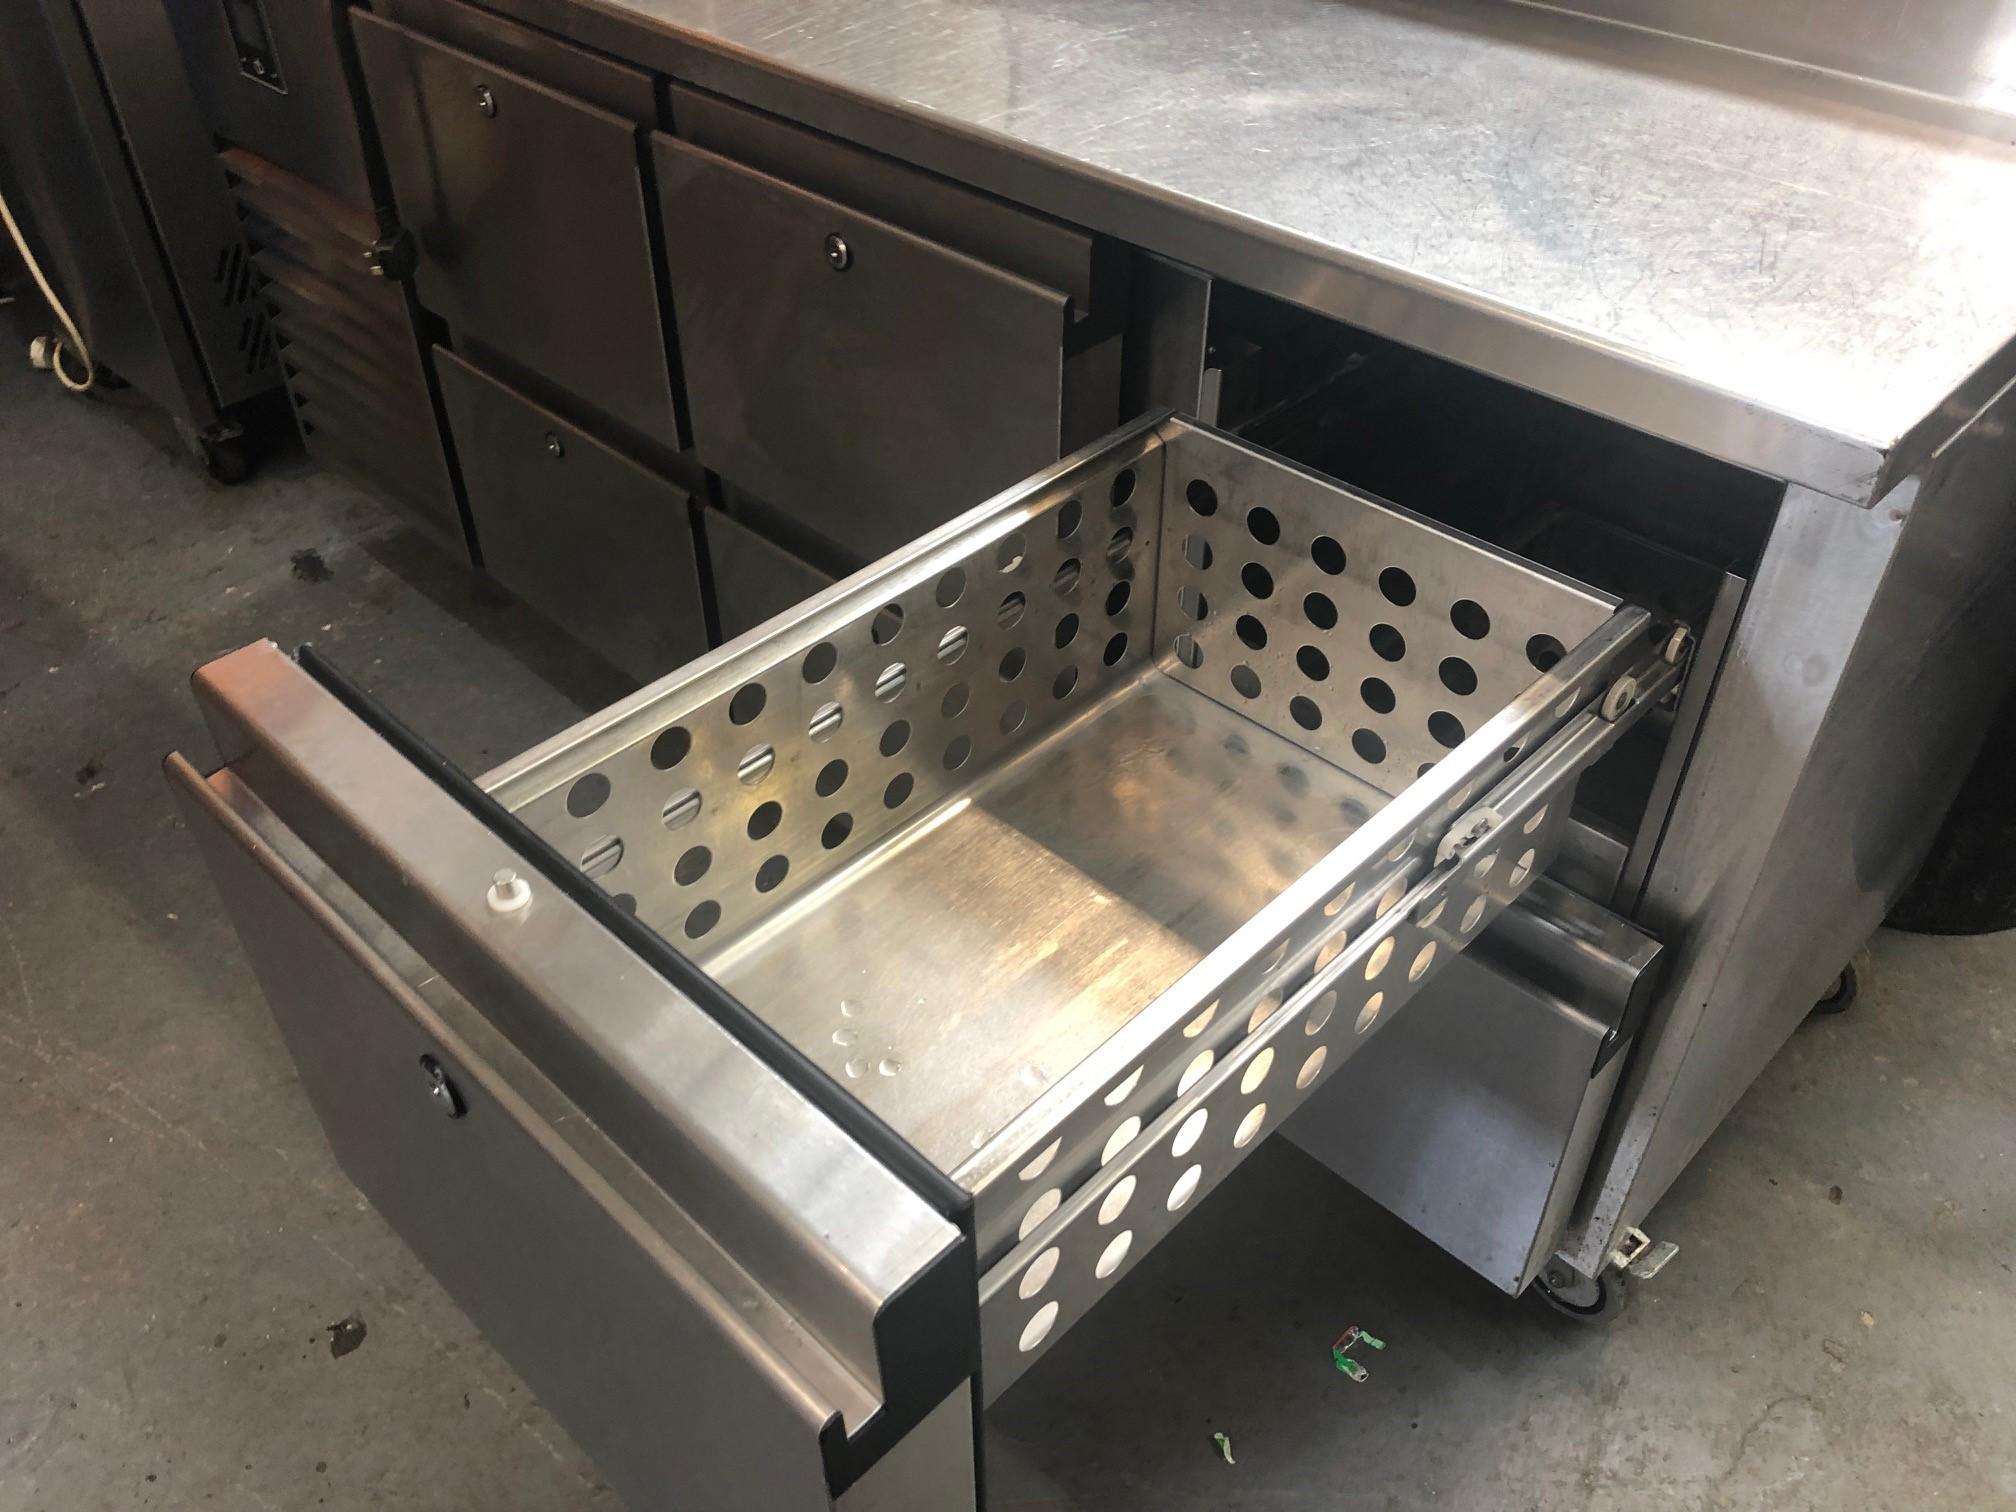 Precision Gastronome Counter Mcu311 Salad Pizza Fridge